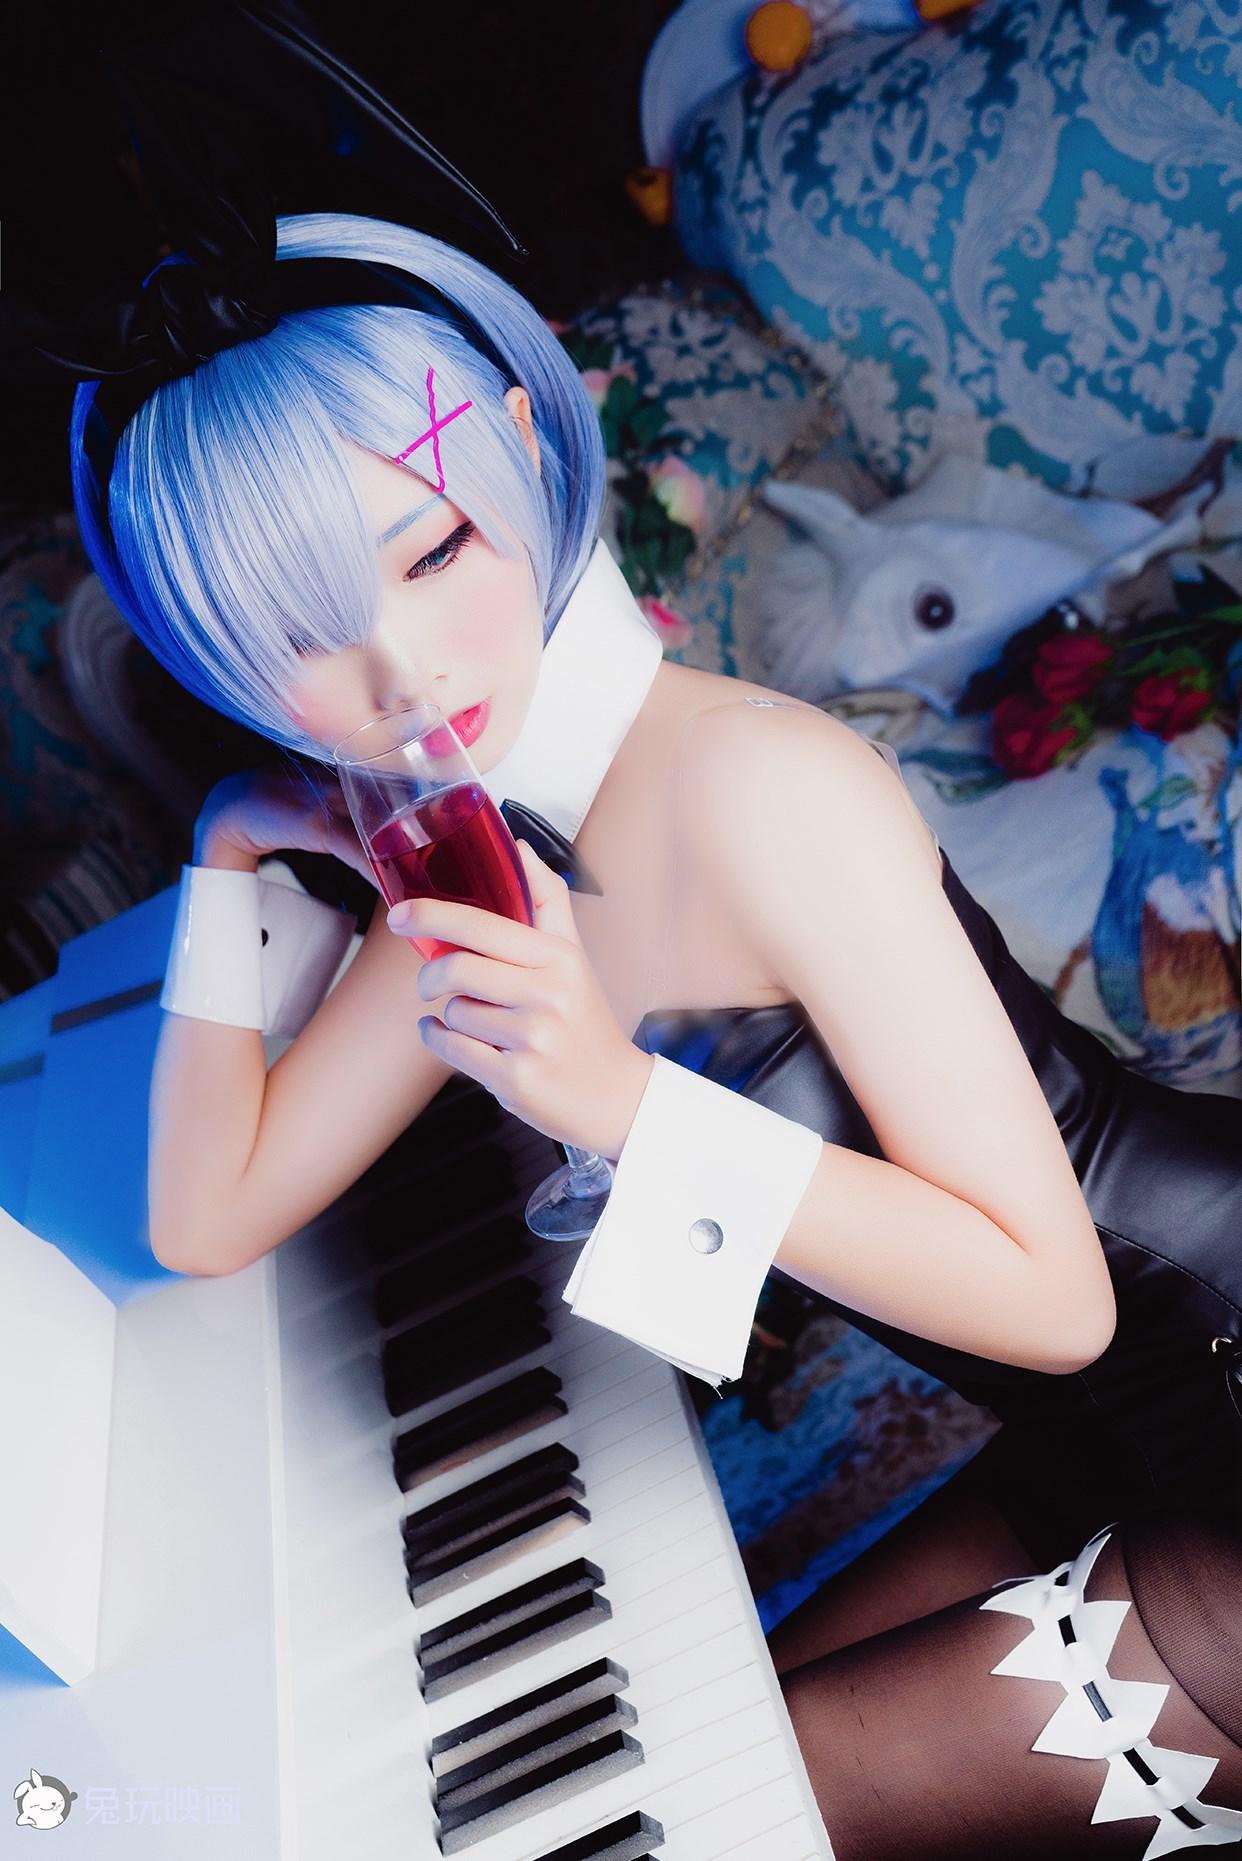 【兔玩映画】兔女郎vol.12 - 面饼 兔玩映画 第33张